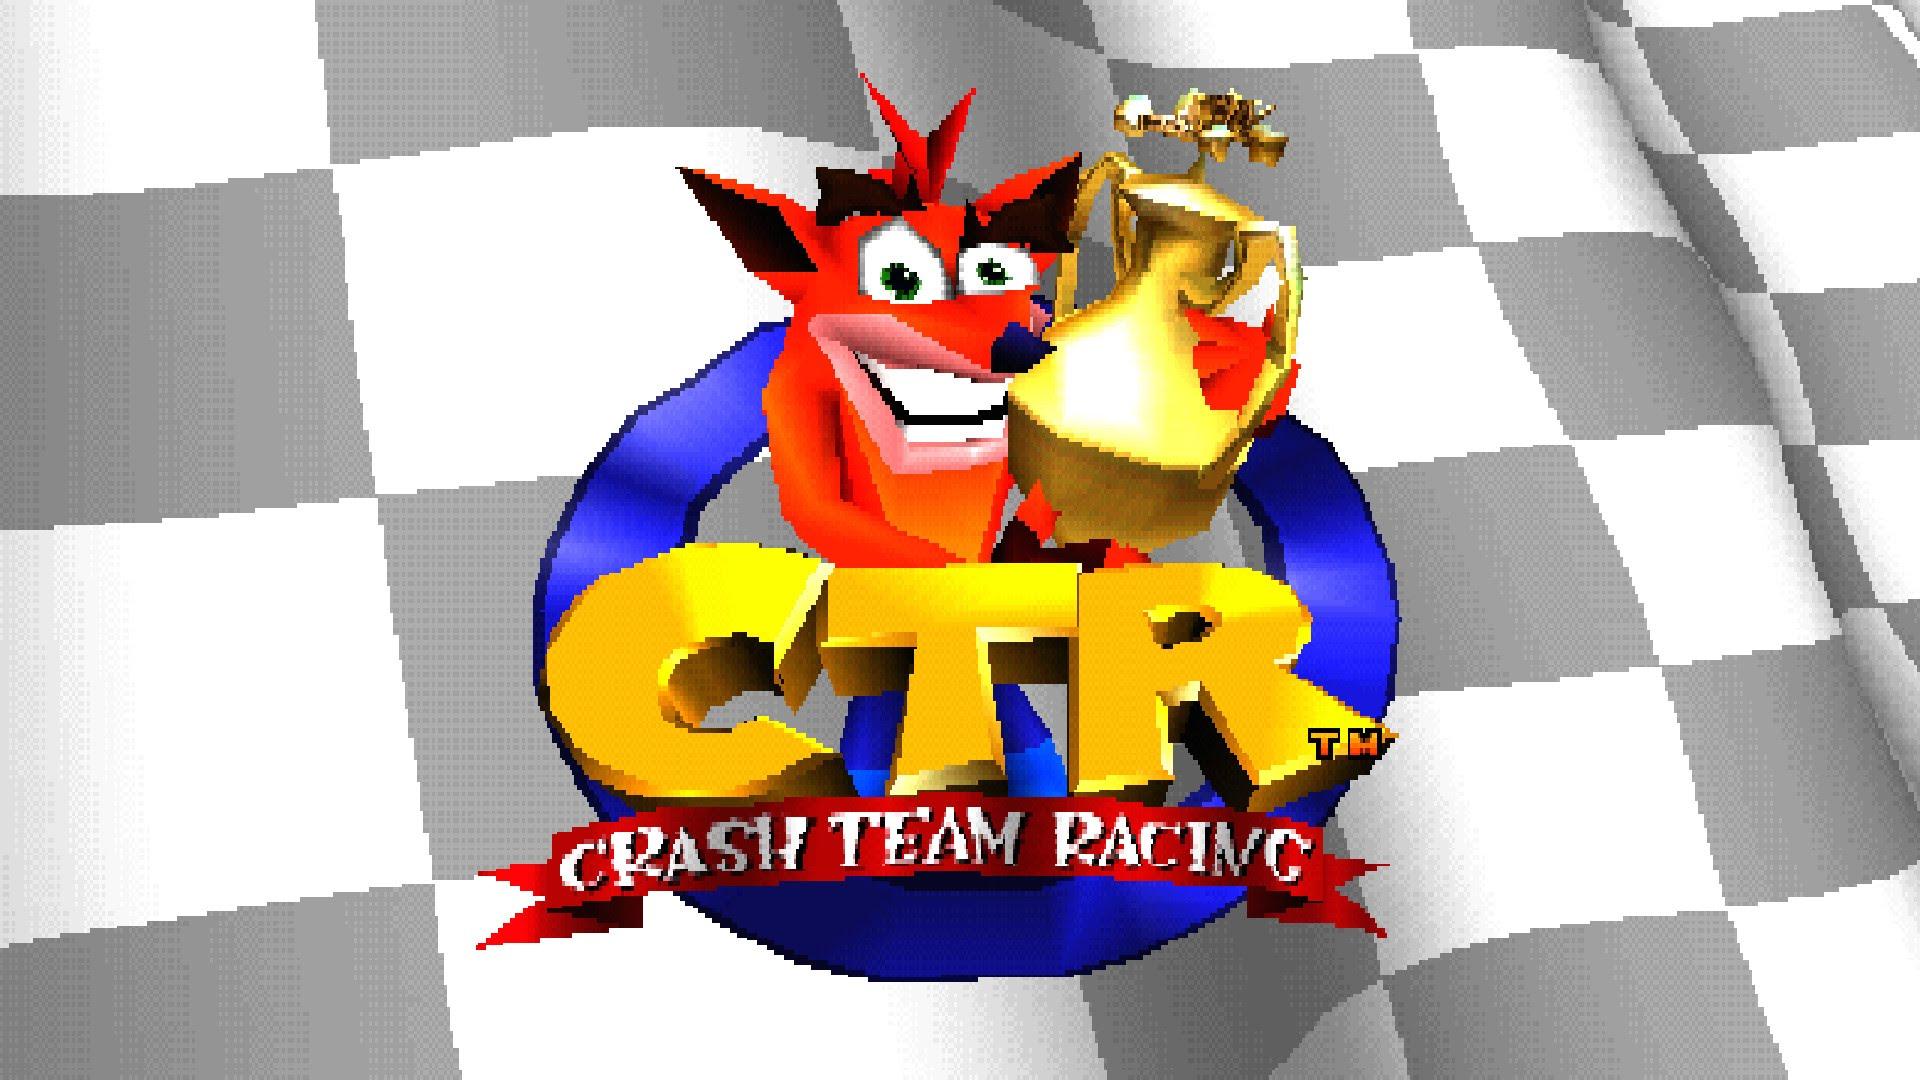 Critique Jeu «Crash Team Racing» (1999) : Le Marsupial qui a défié le Plombier moustachu.